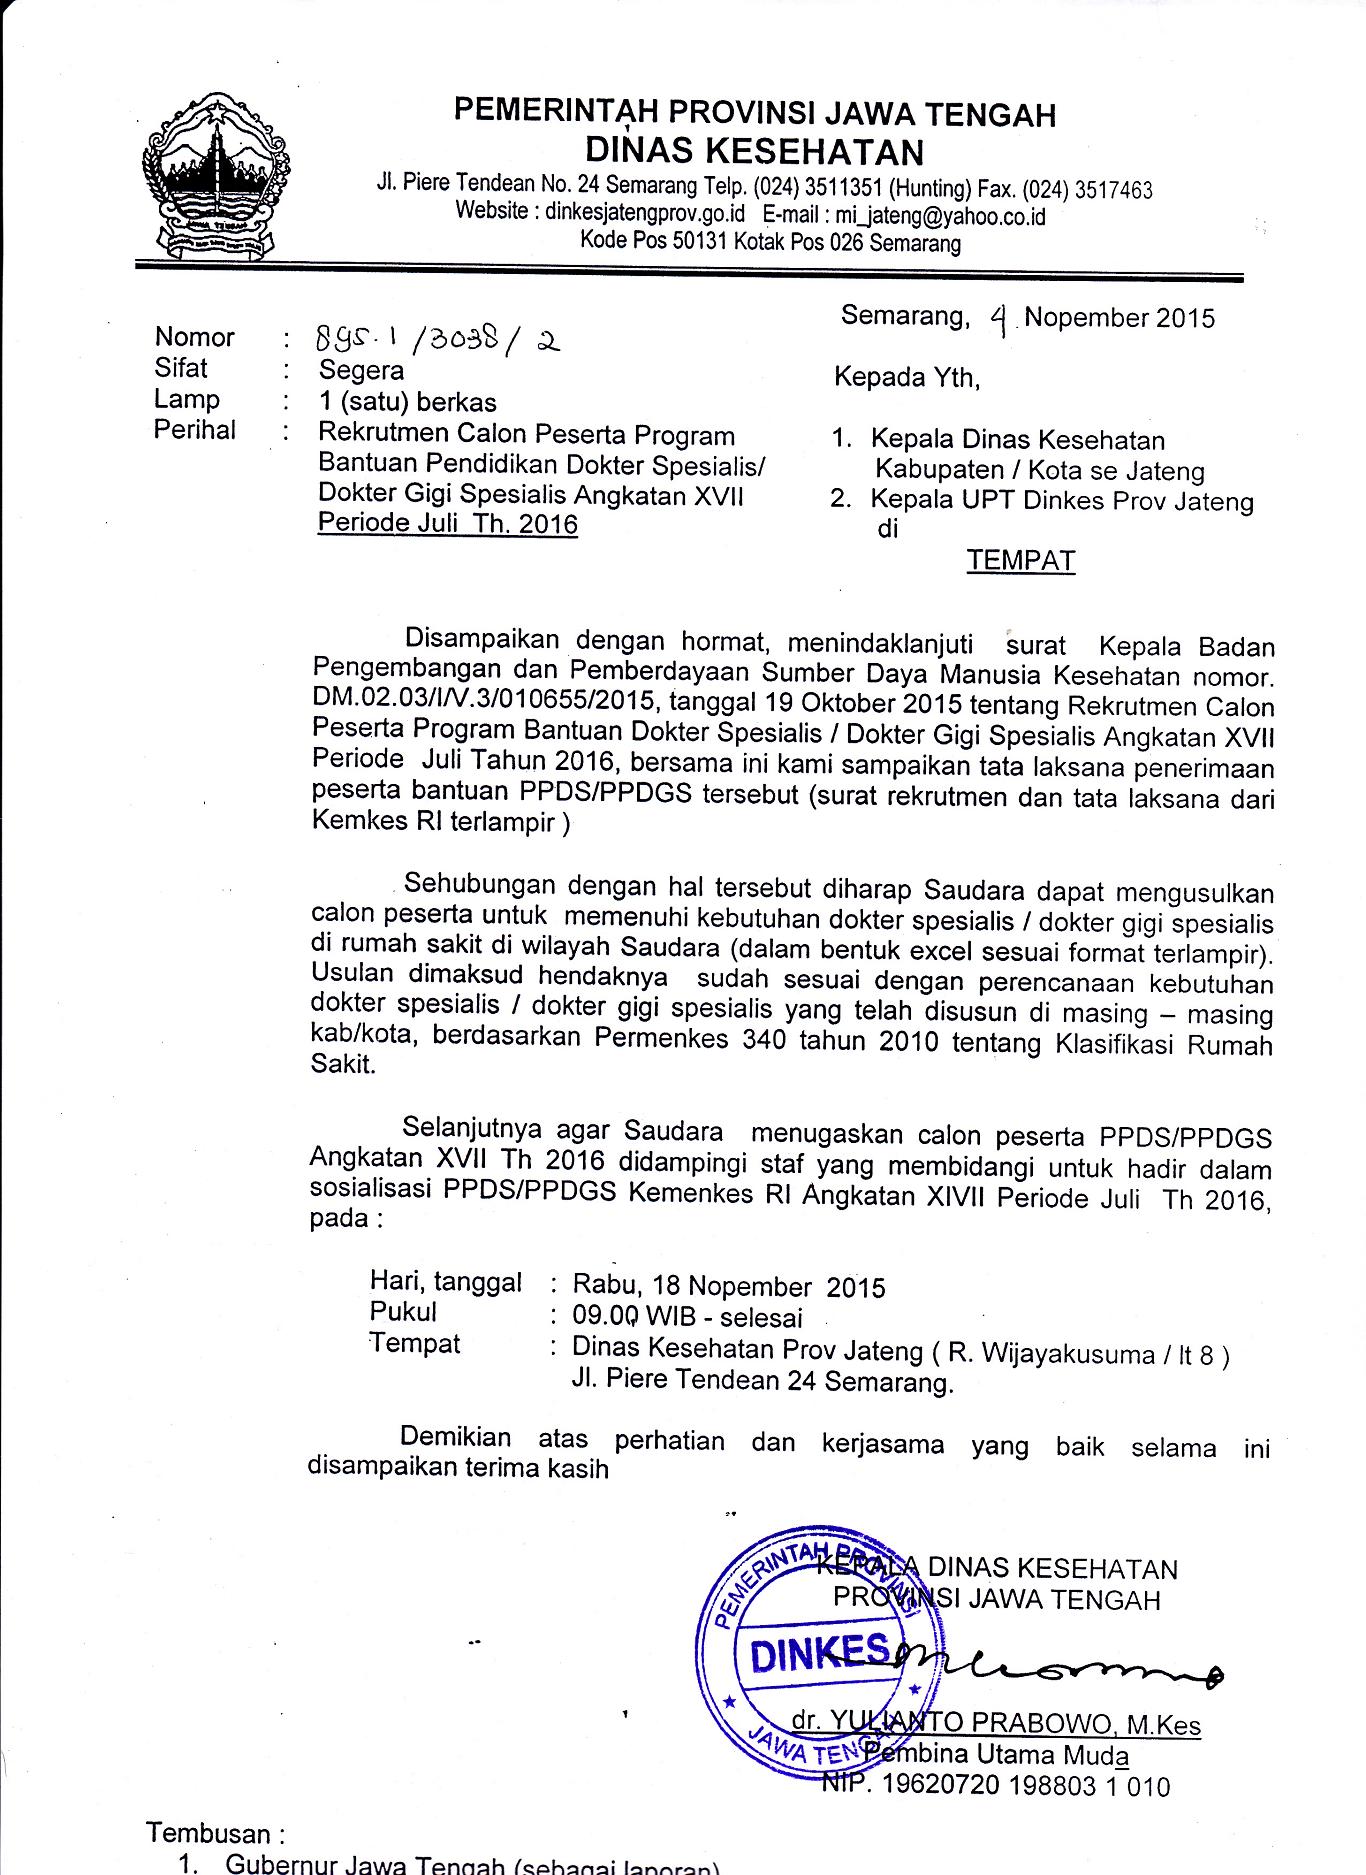 Dinas Kesehatan Provinsi Jawa Tengah